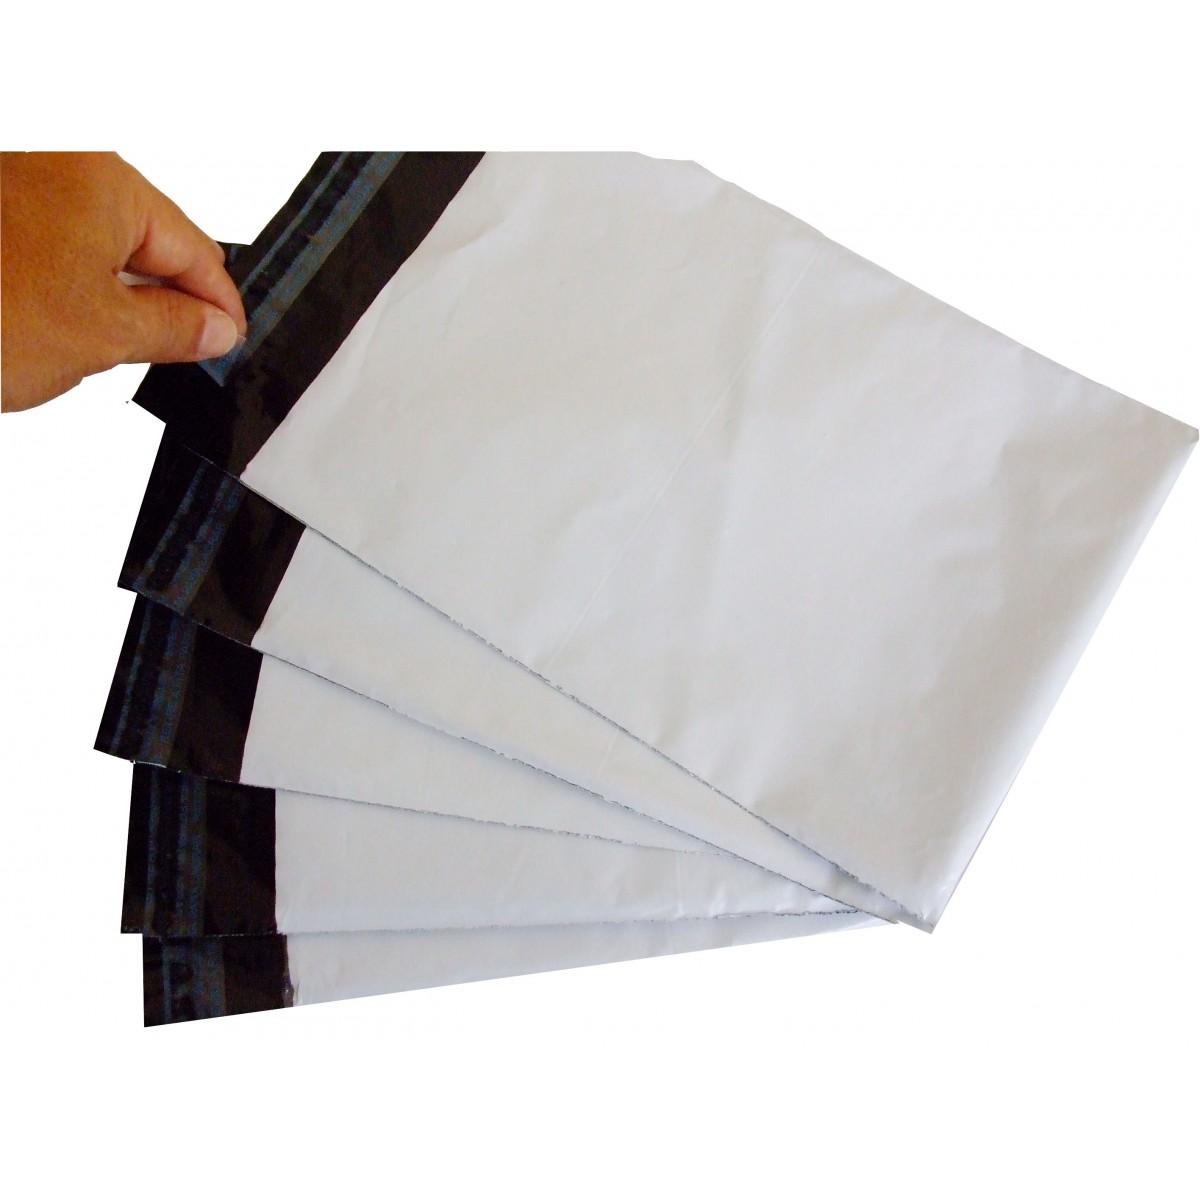 Envelope de Segurança Liso Branco L:19 X C:25 + 5 (Aba) cm